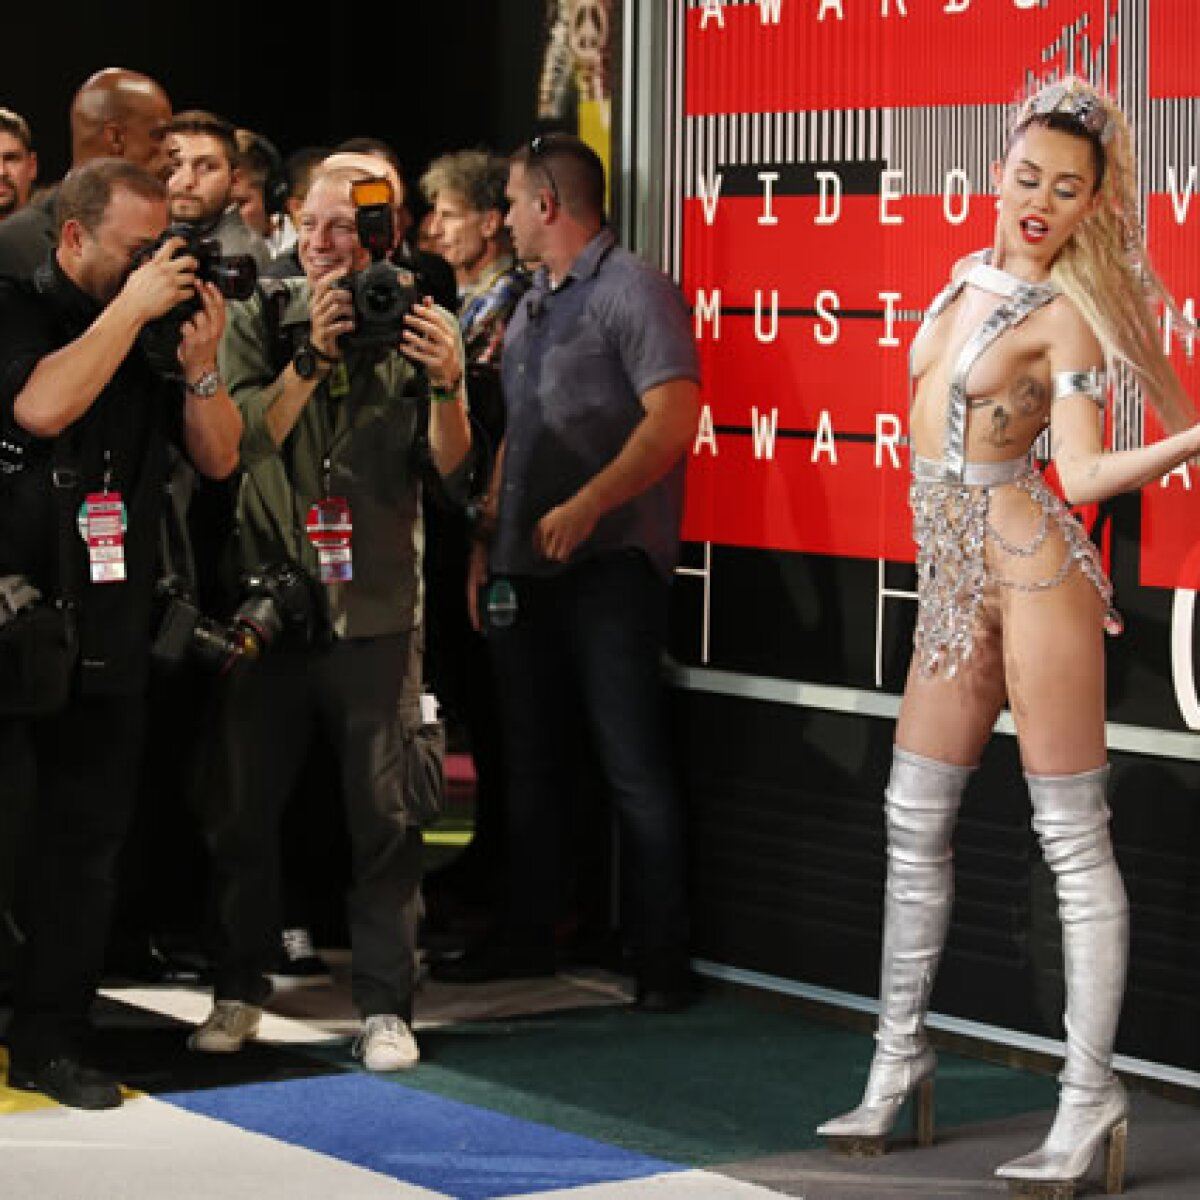 Los 10 polémicos oufits de Miley Cyrus en los VMAs